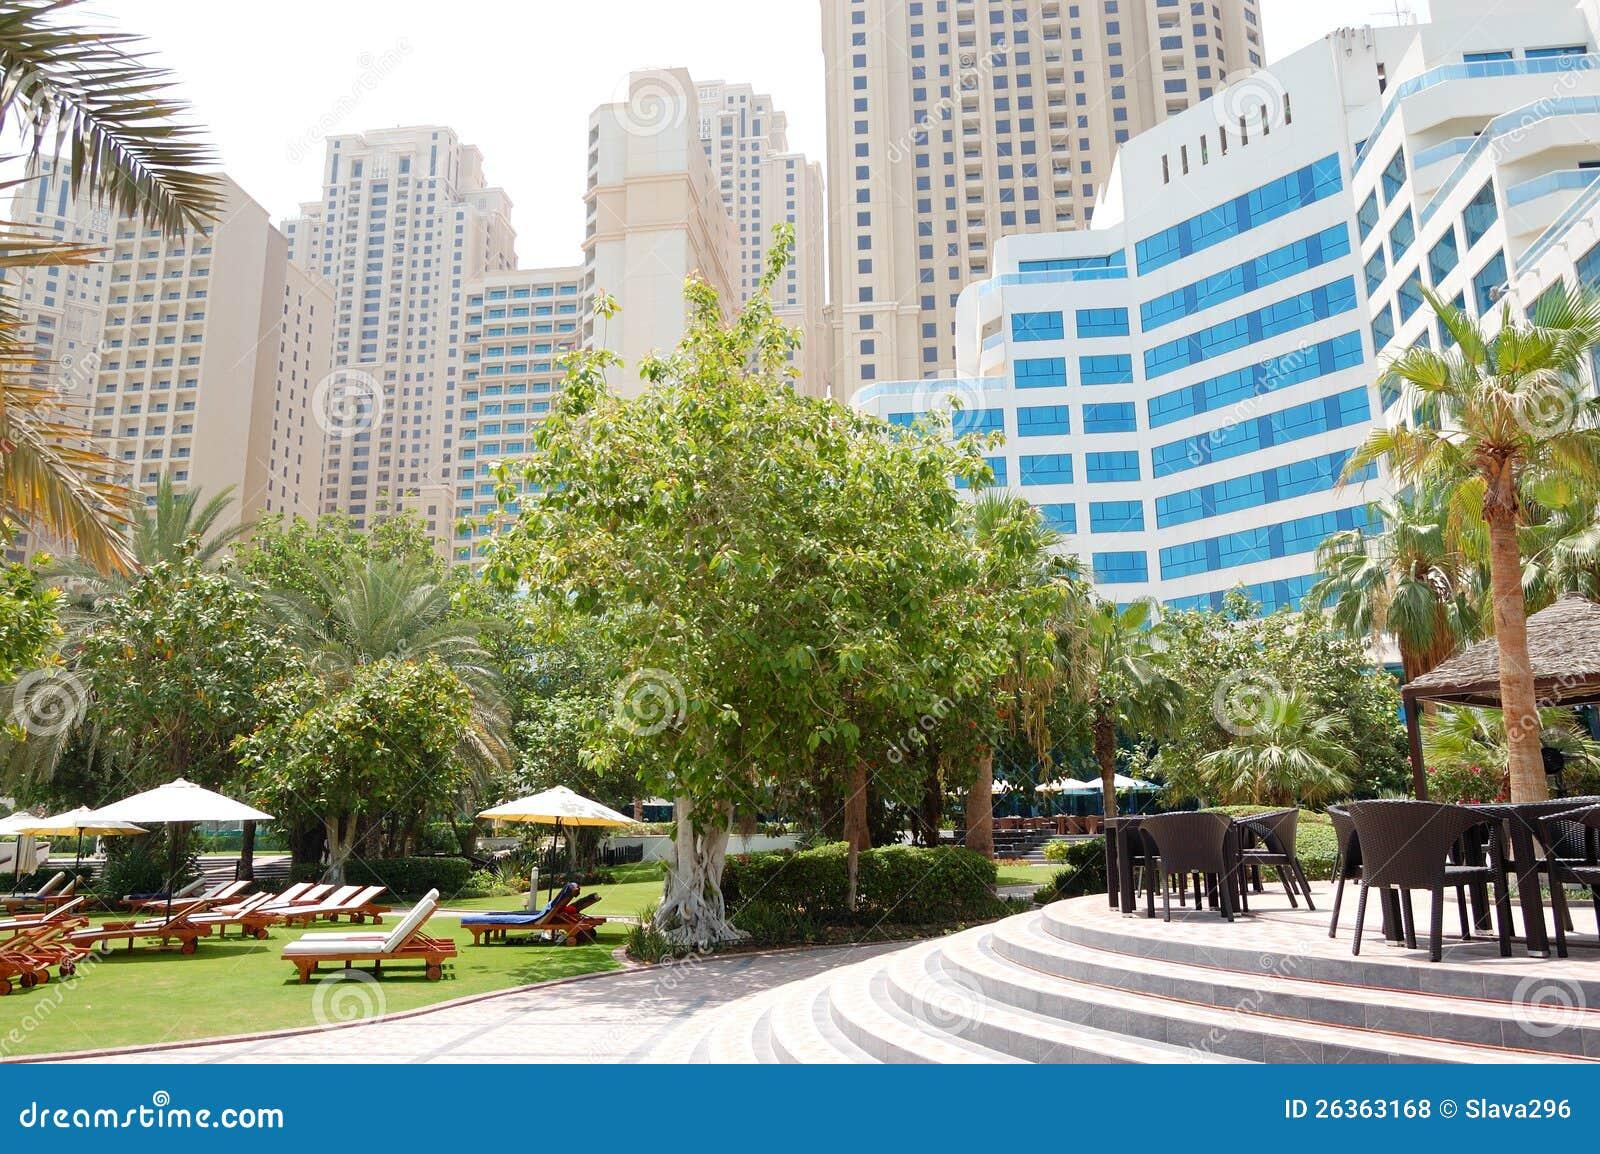 Grüner Rasen und Gebäude des Luxushotels